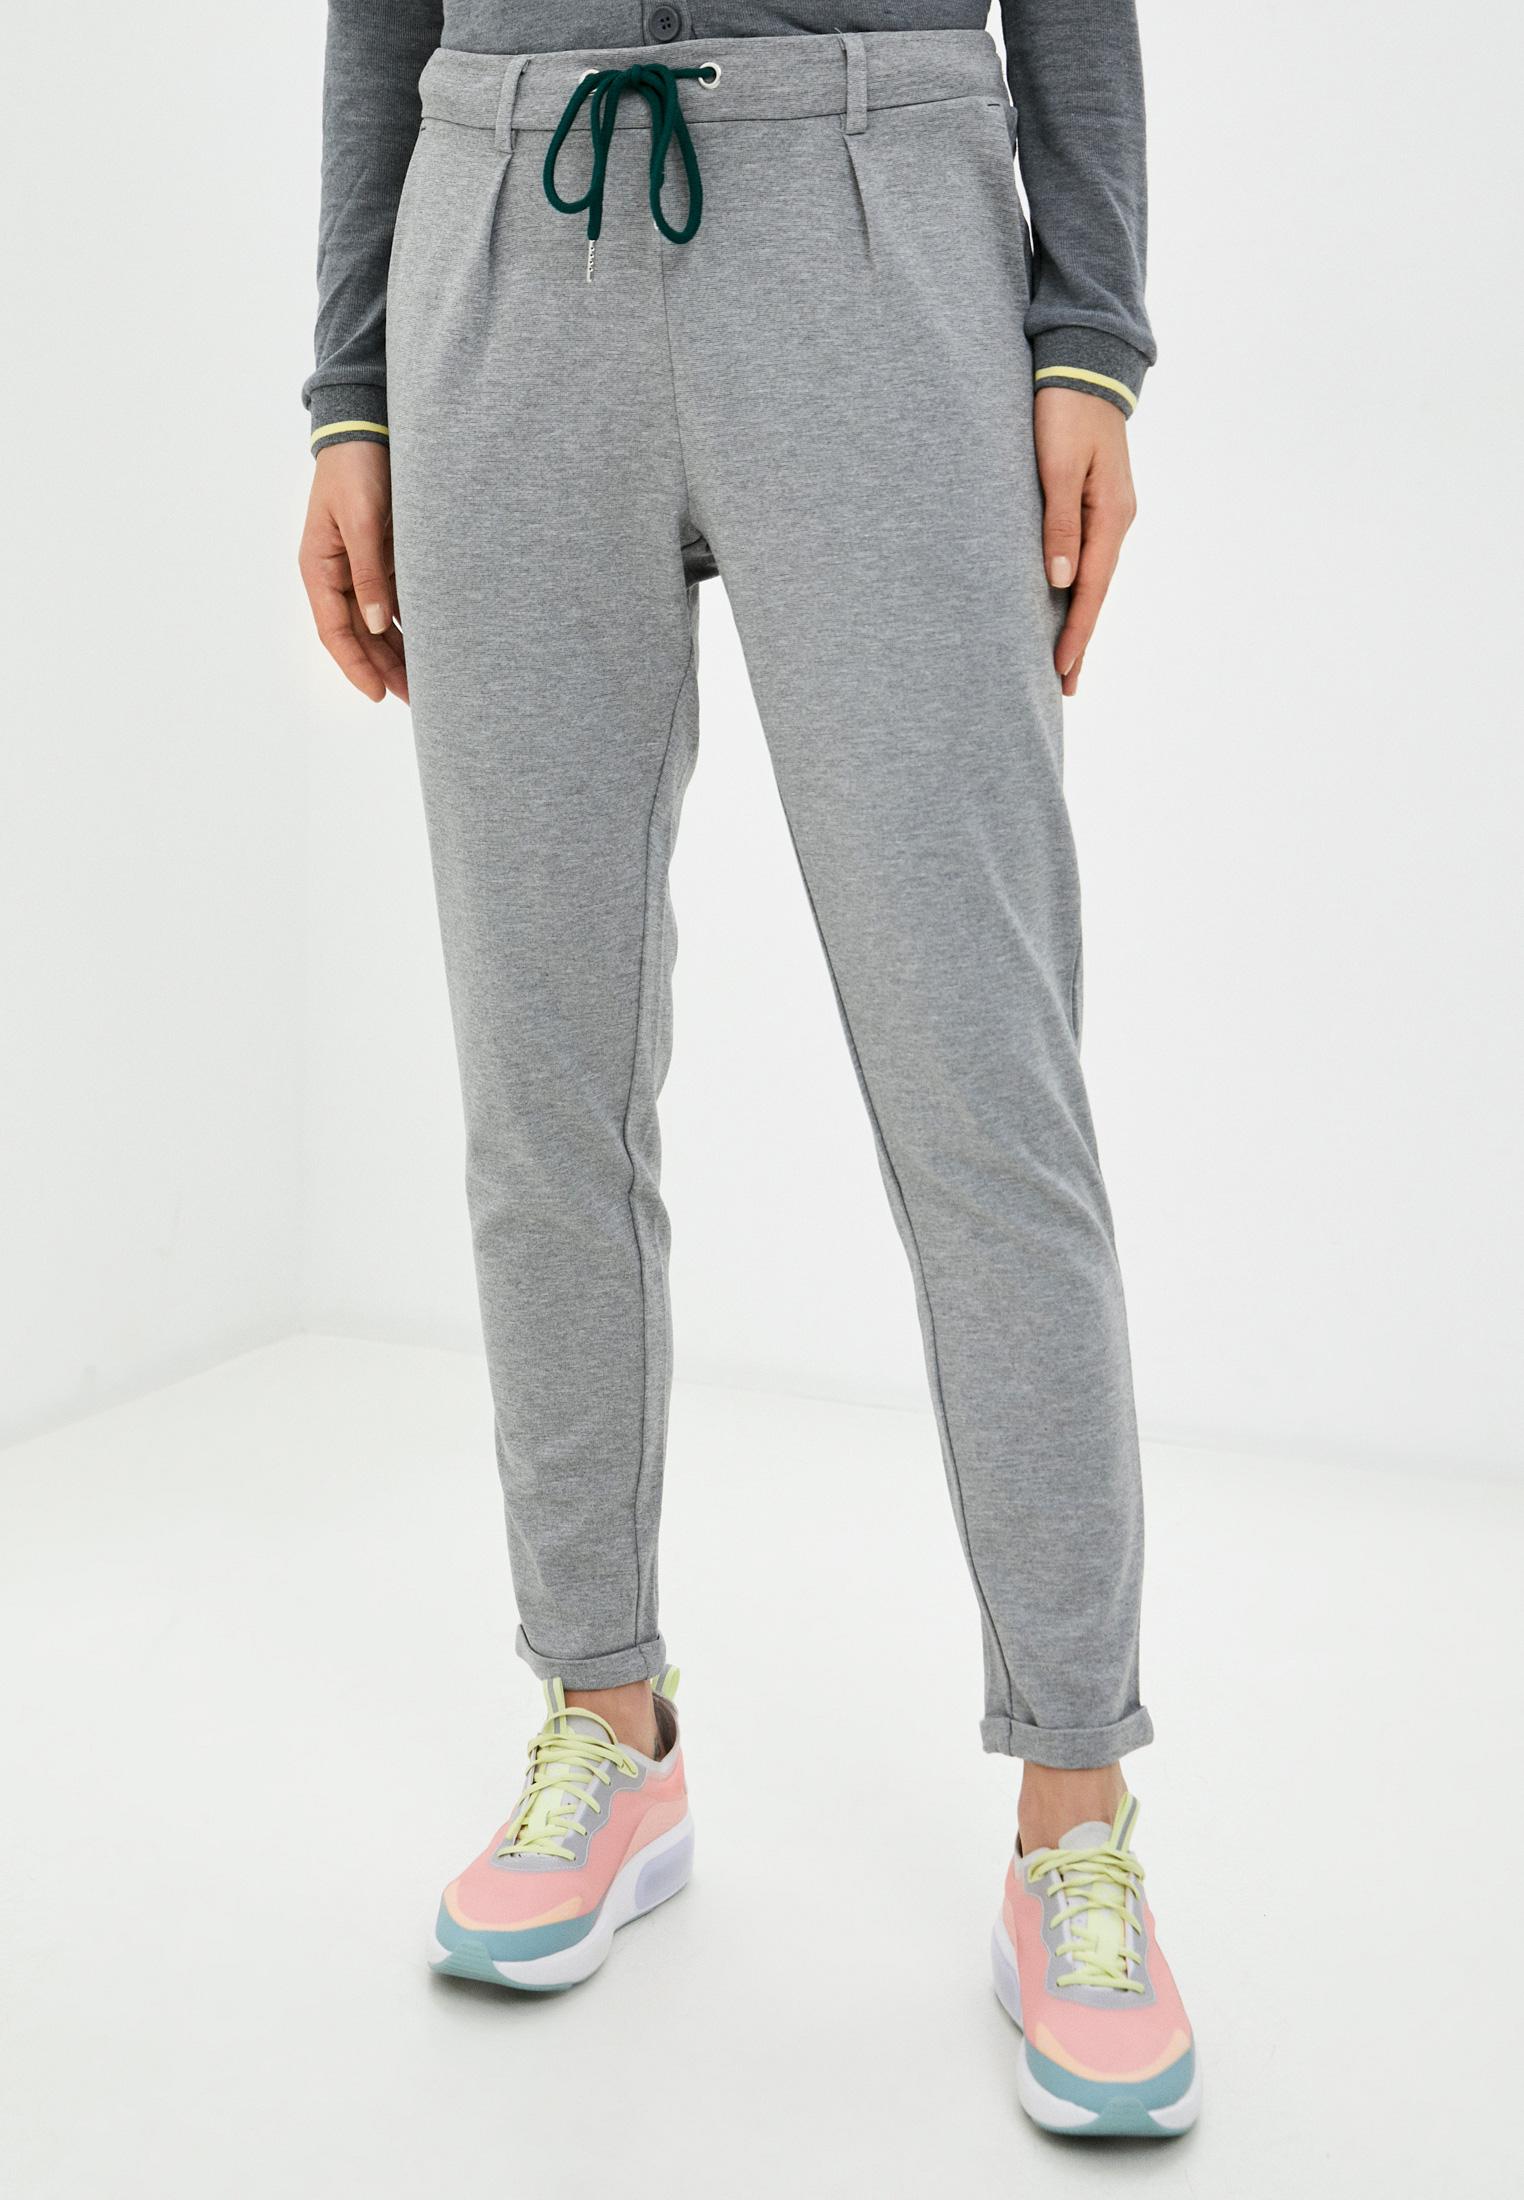 Женские спортивные брюки Baon (Баон) Брюки спортивные Baon